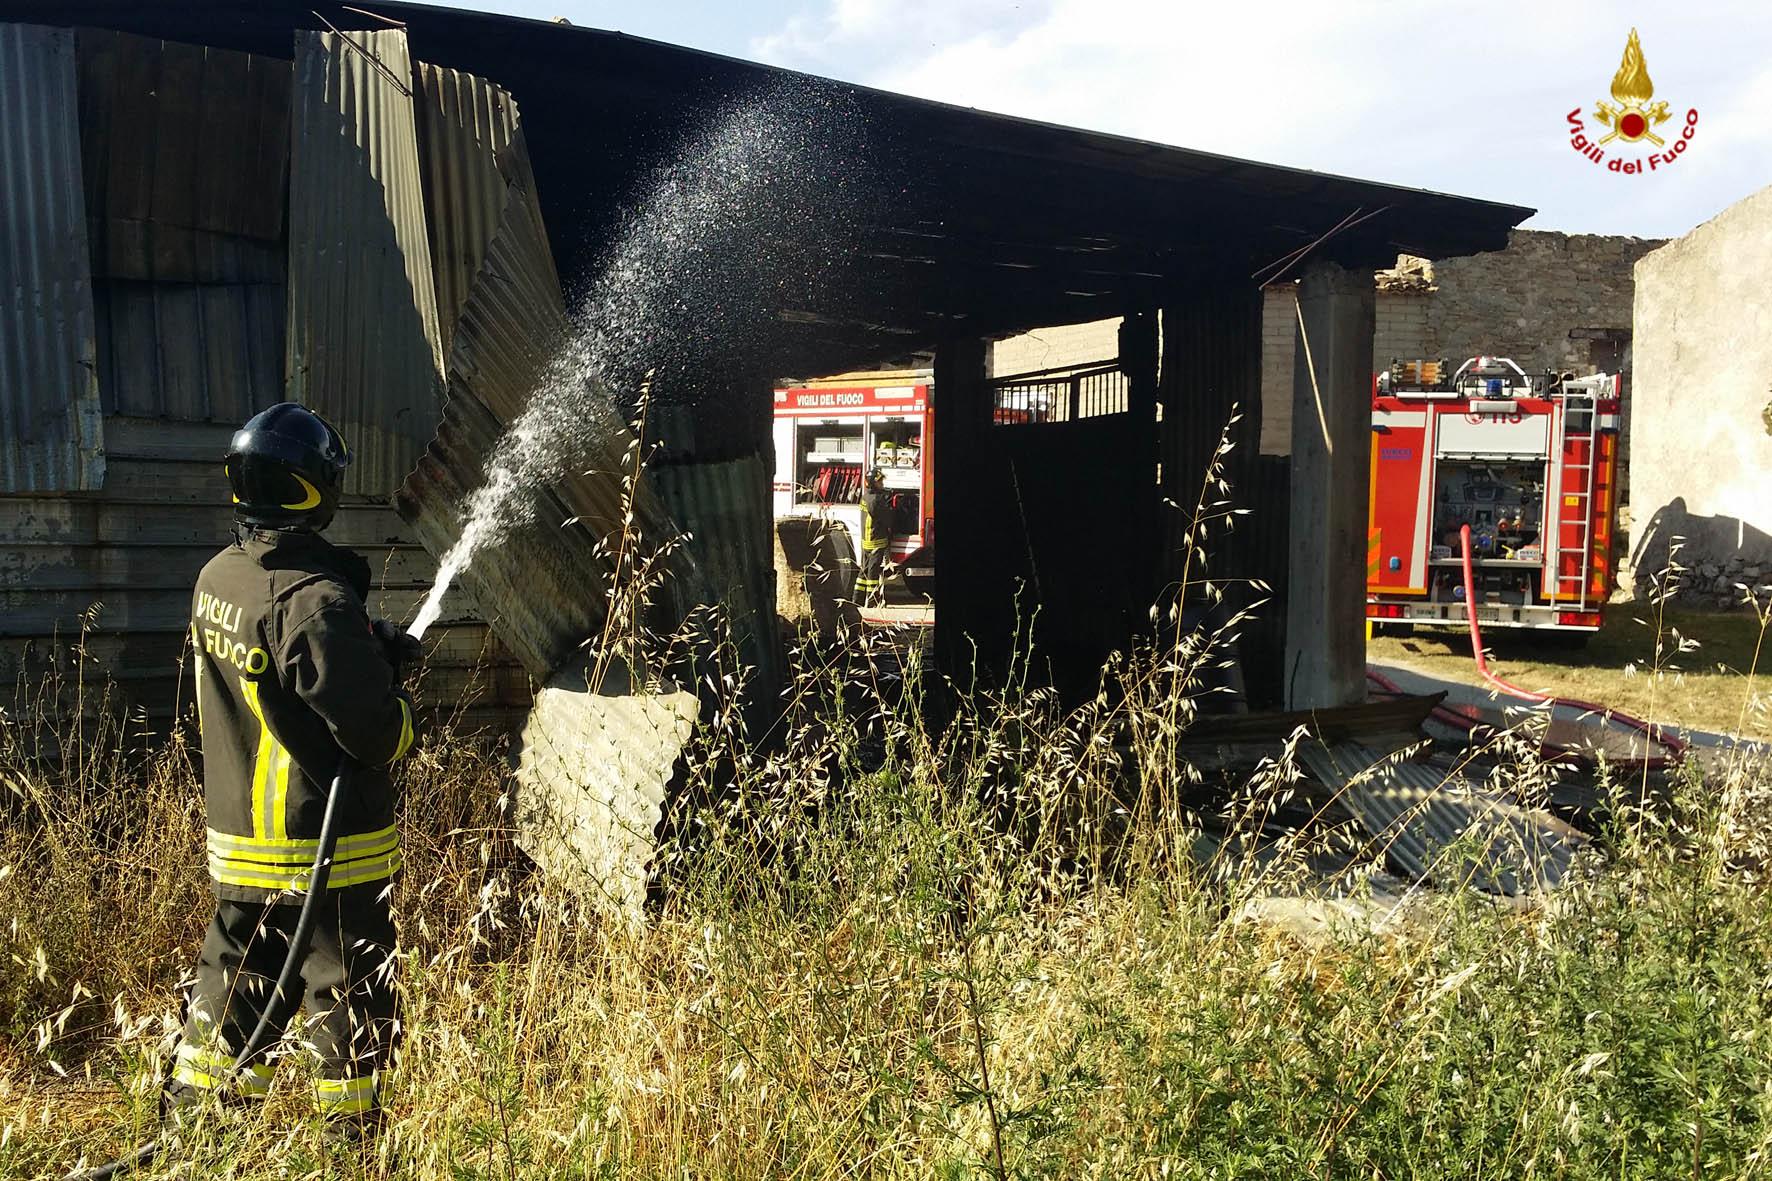 Capannone in fiamme, Vigili del fuoco in azione